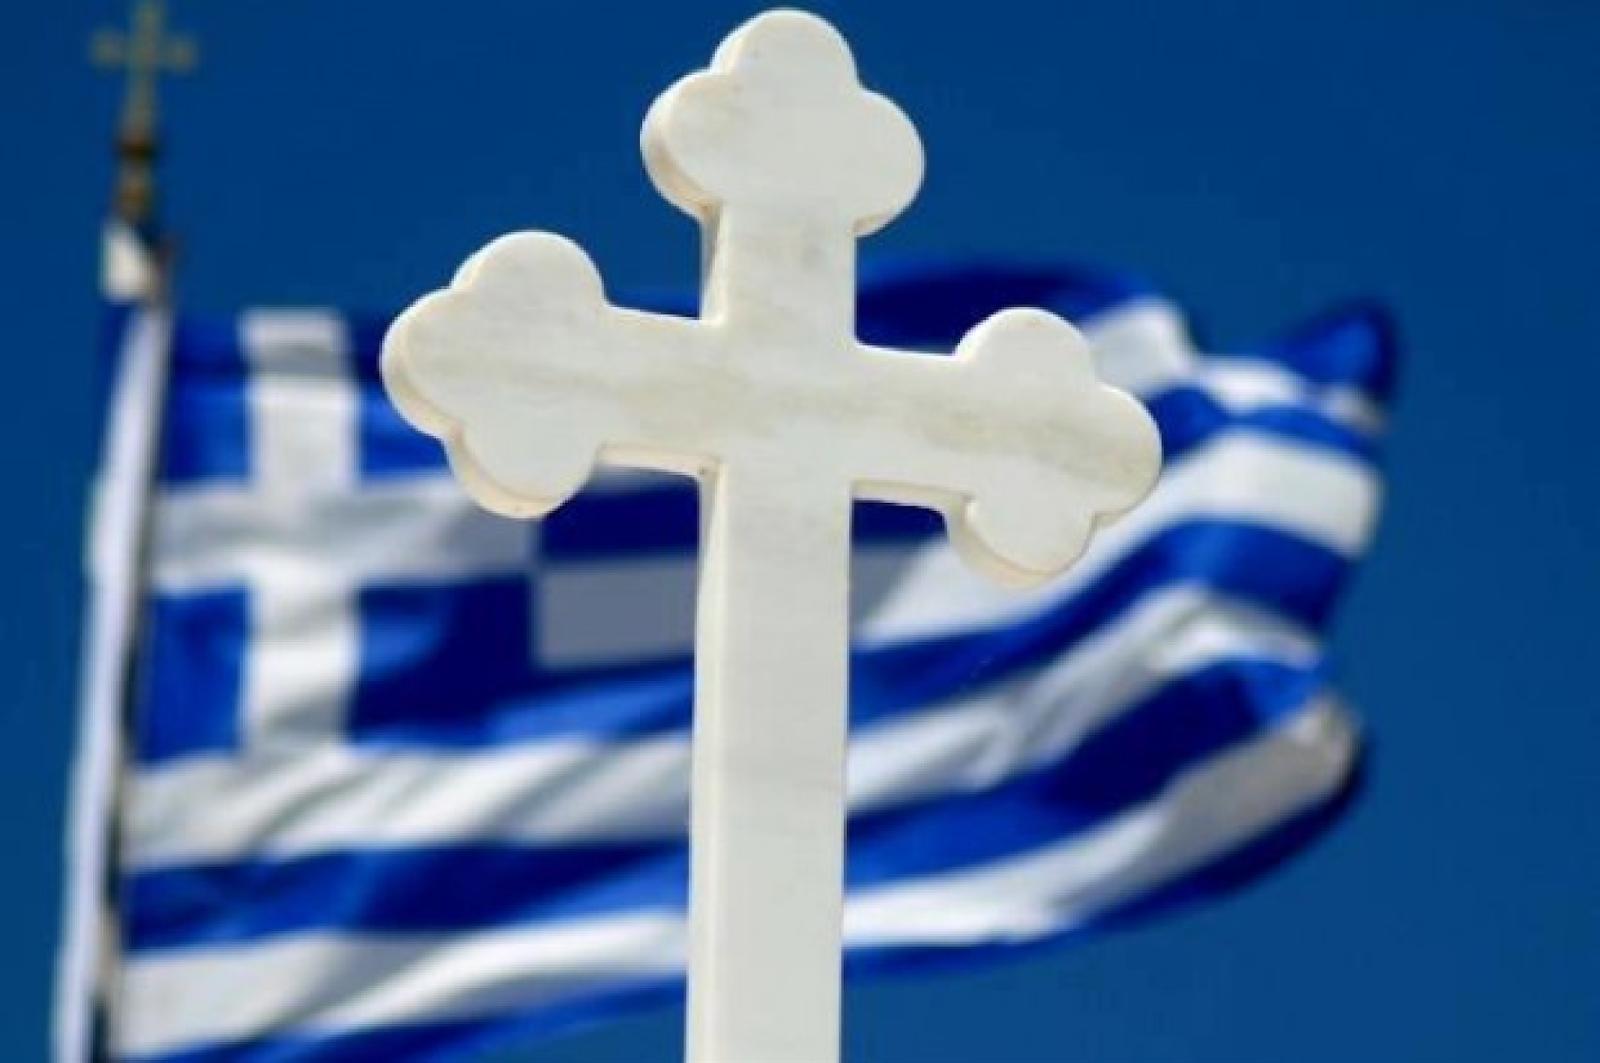 Χωρίς την Ορθοδοξία δεν θα υπήρχε Ελλάδα» - Κιβωτός της Ορθοδοξίας